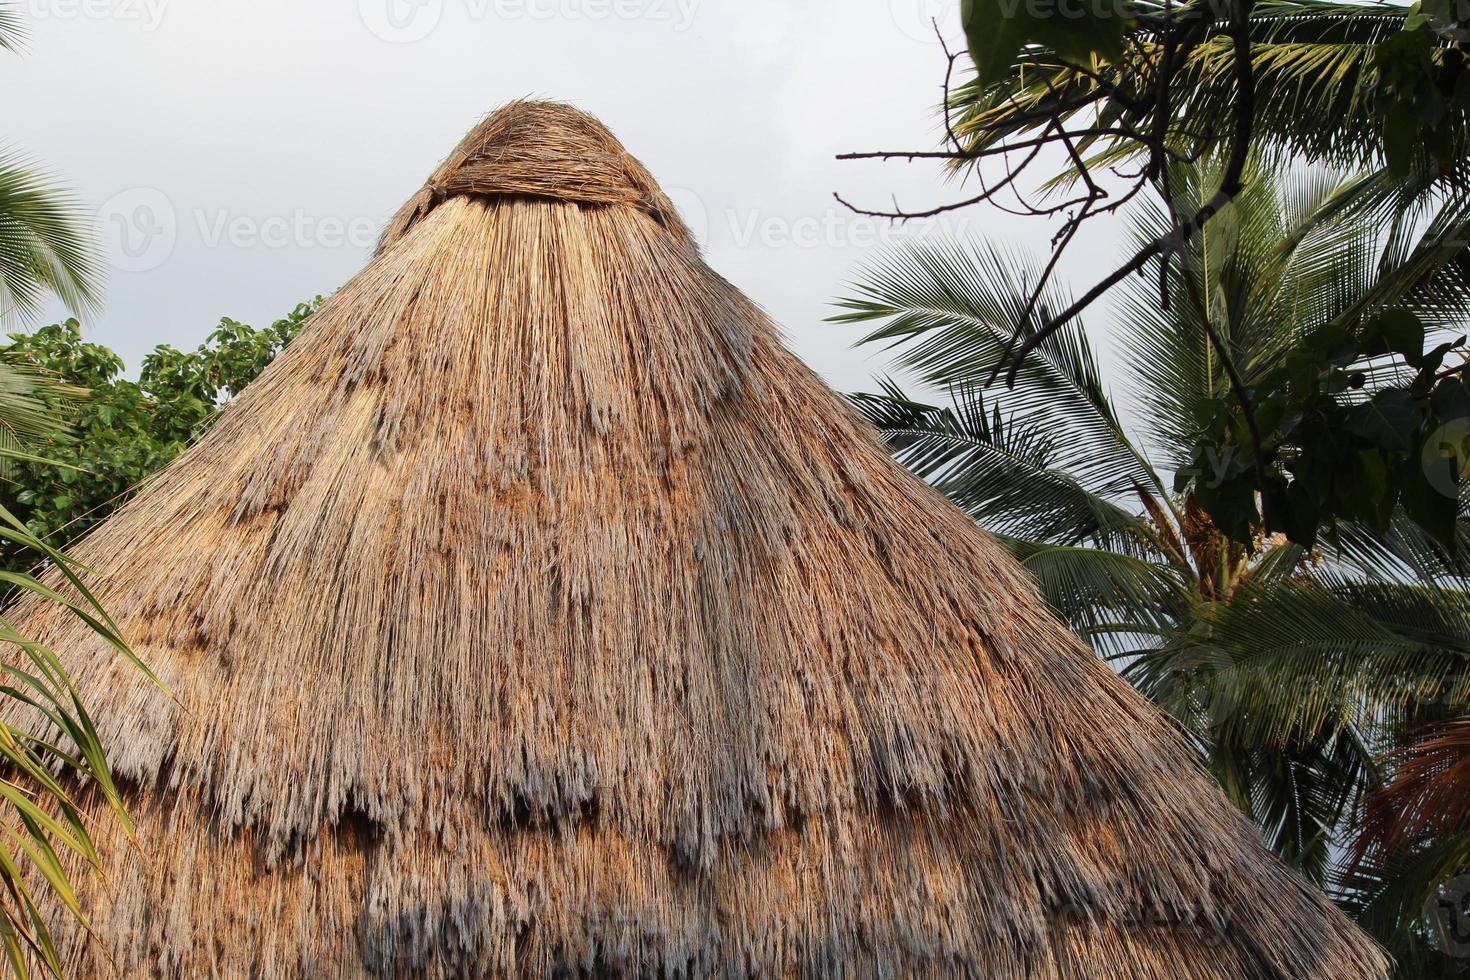 cabana havaiana foto